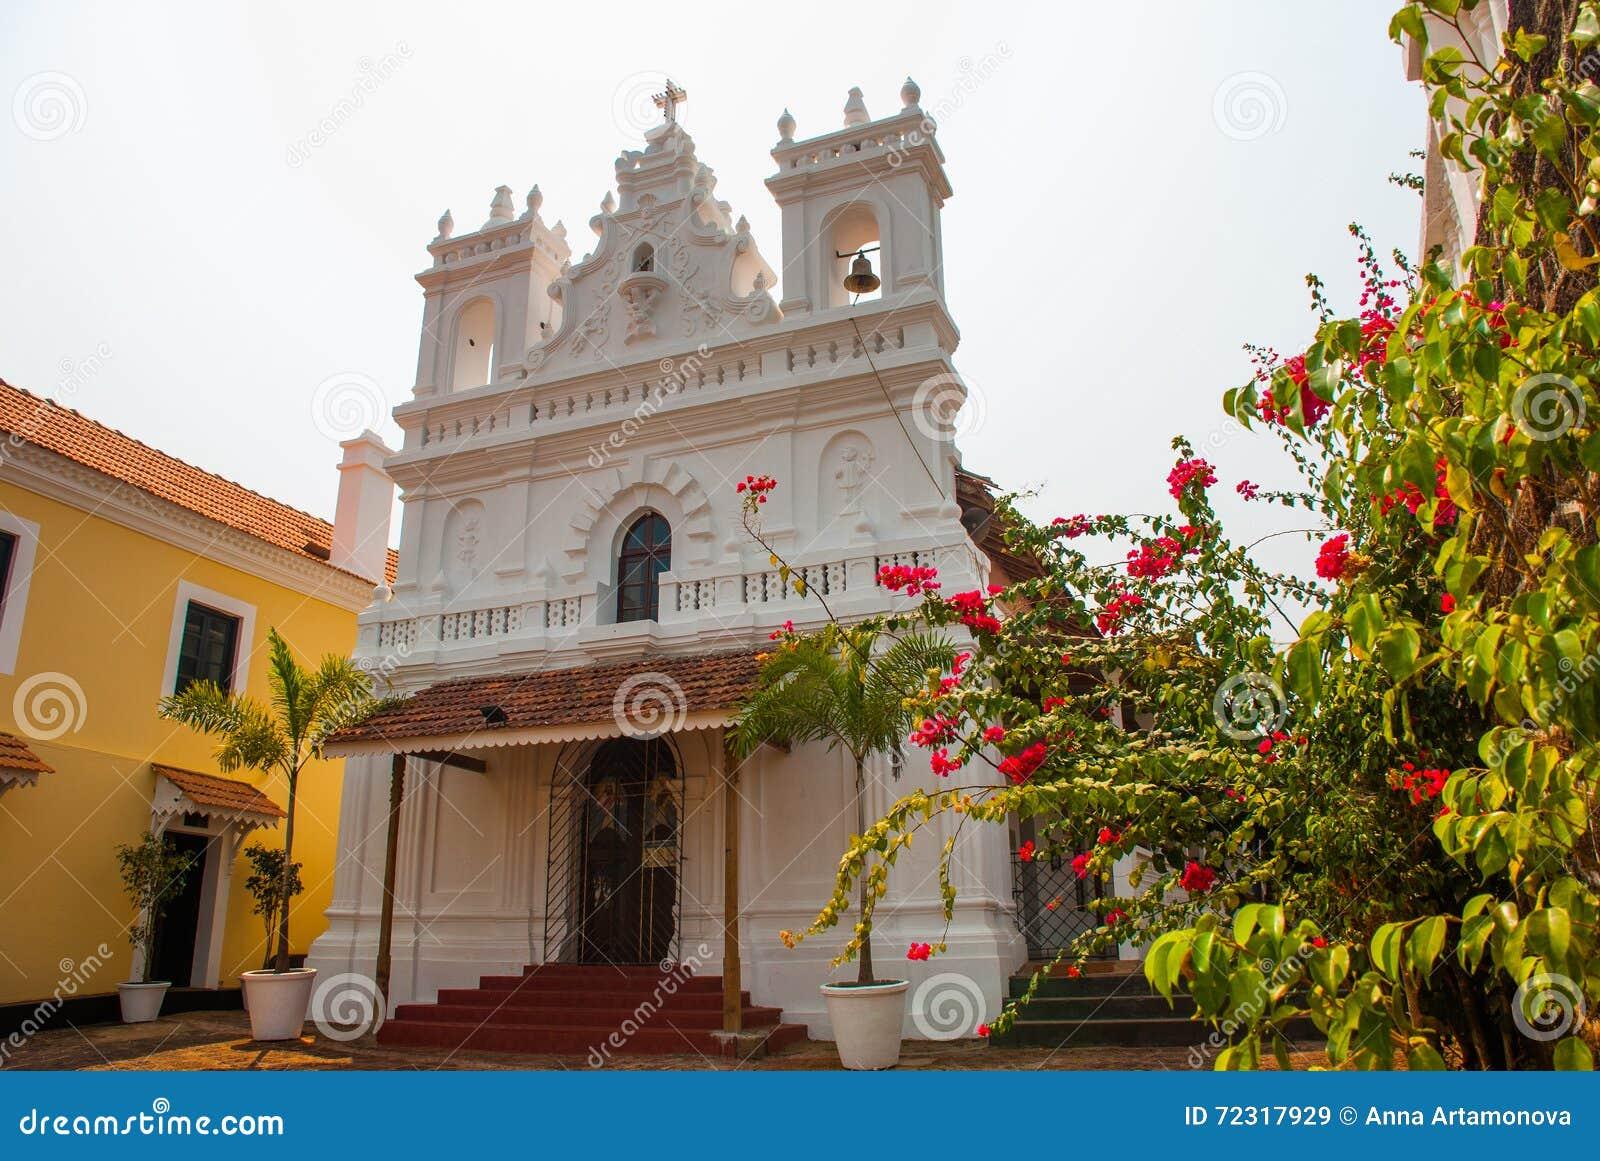 Fort Tiracol Katolicka katedra na tle czerwoni kwiaty goa indu